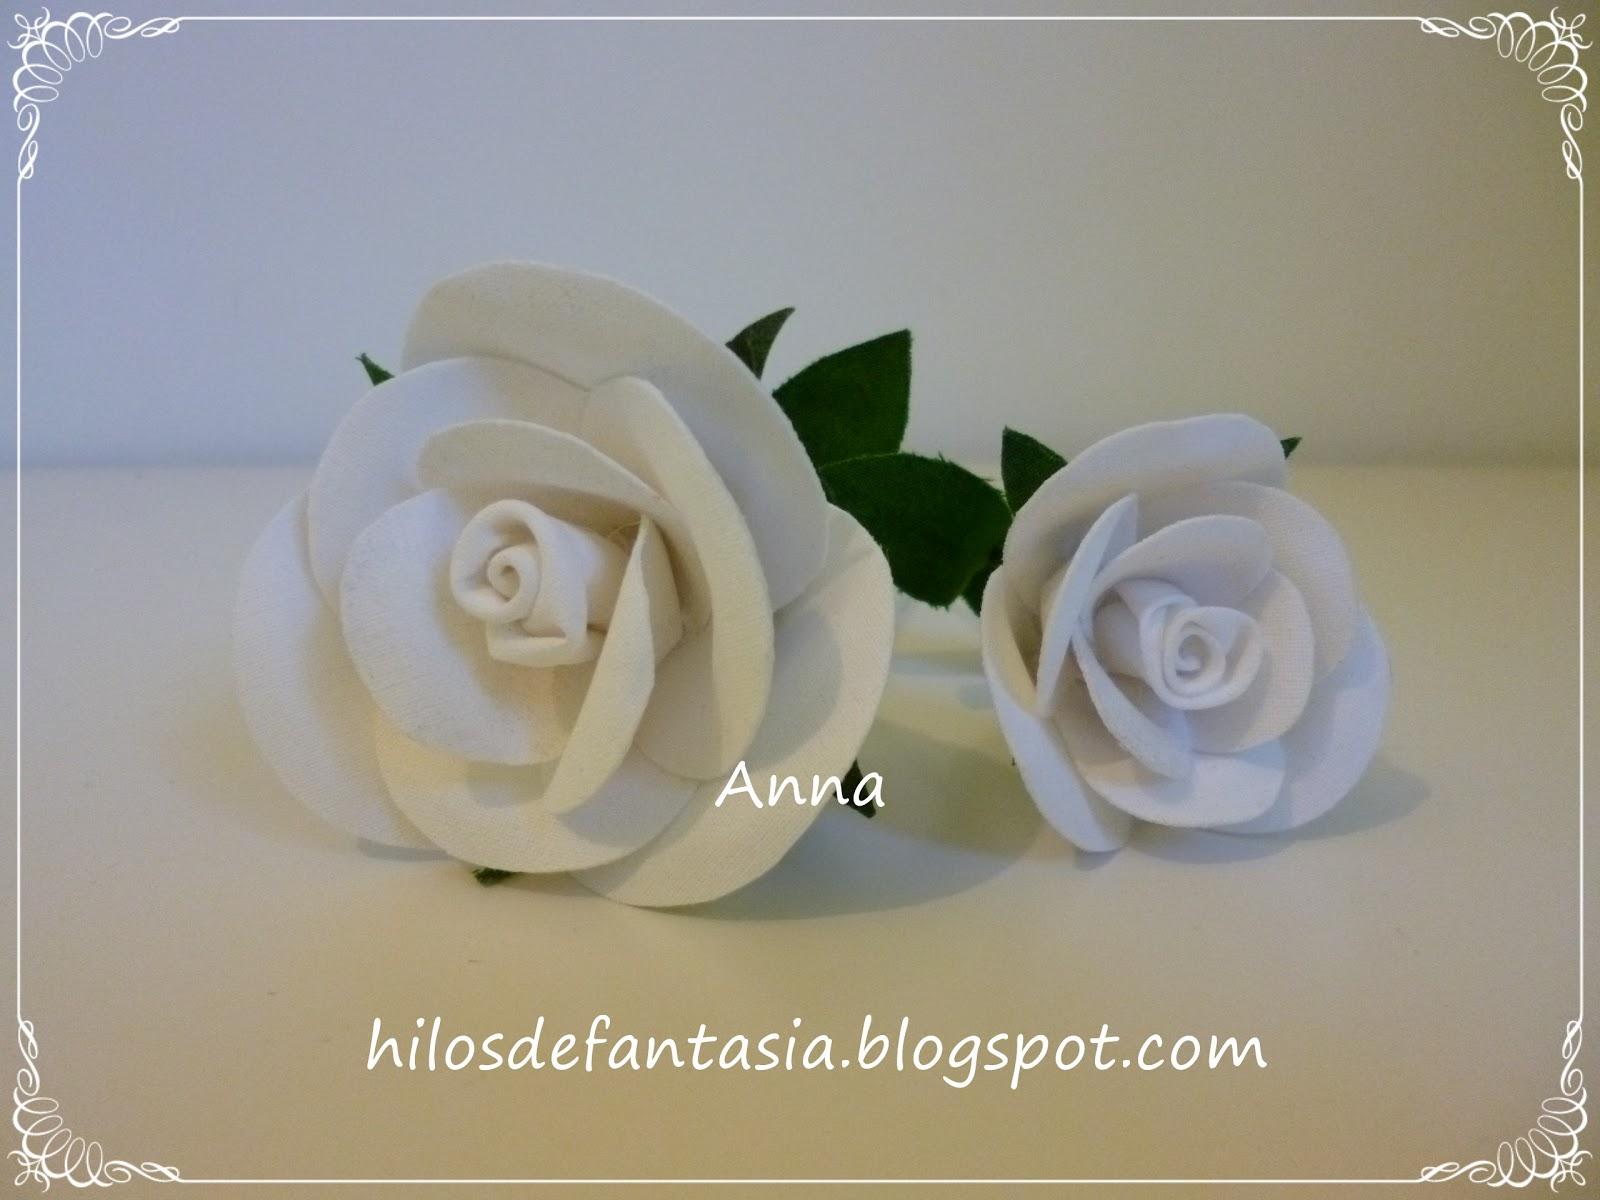 Imagenes De Rosas Blancas Grandes - Rosas blancas YouTube